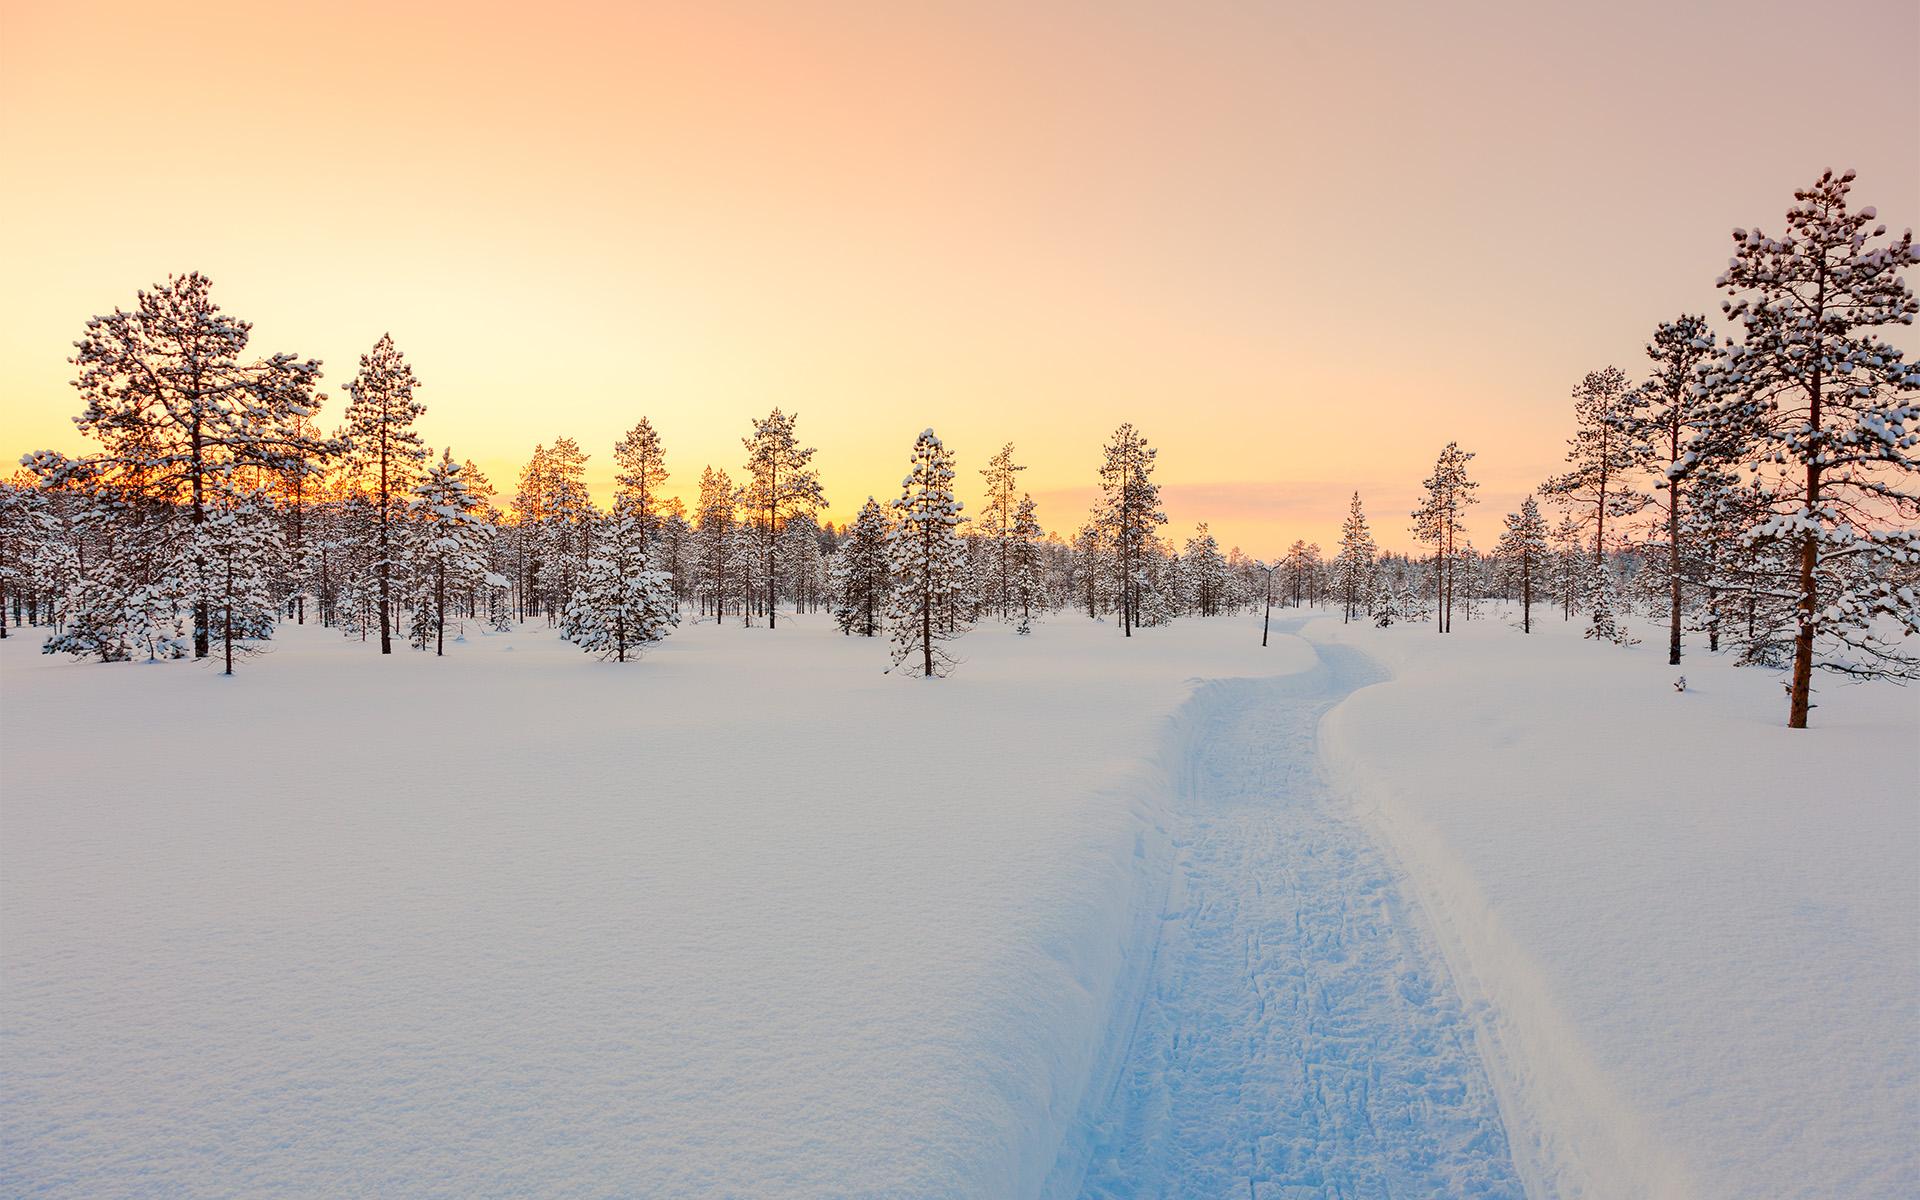 neige-et-ski-de-fond-en-montagne